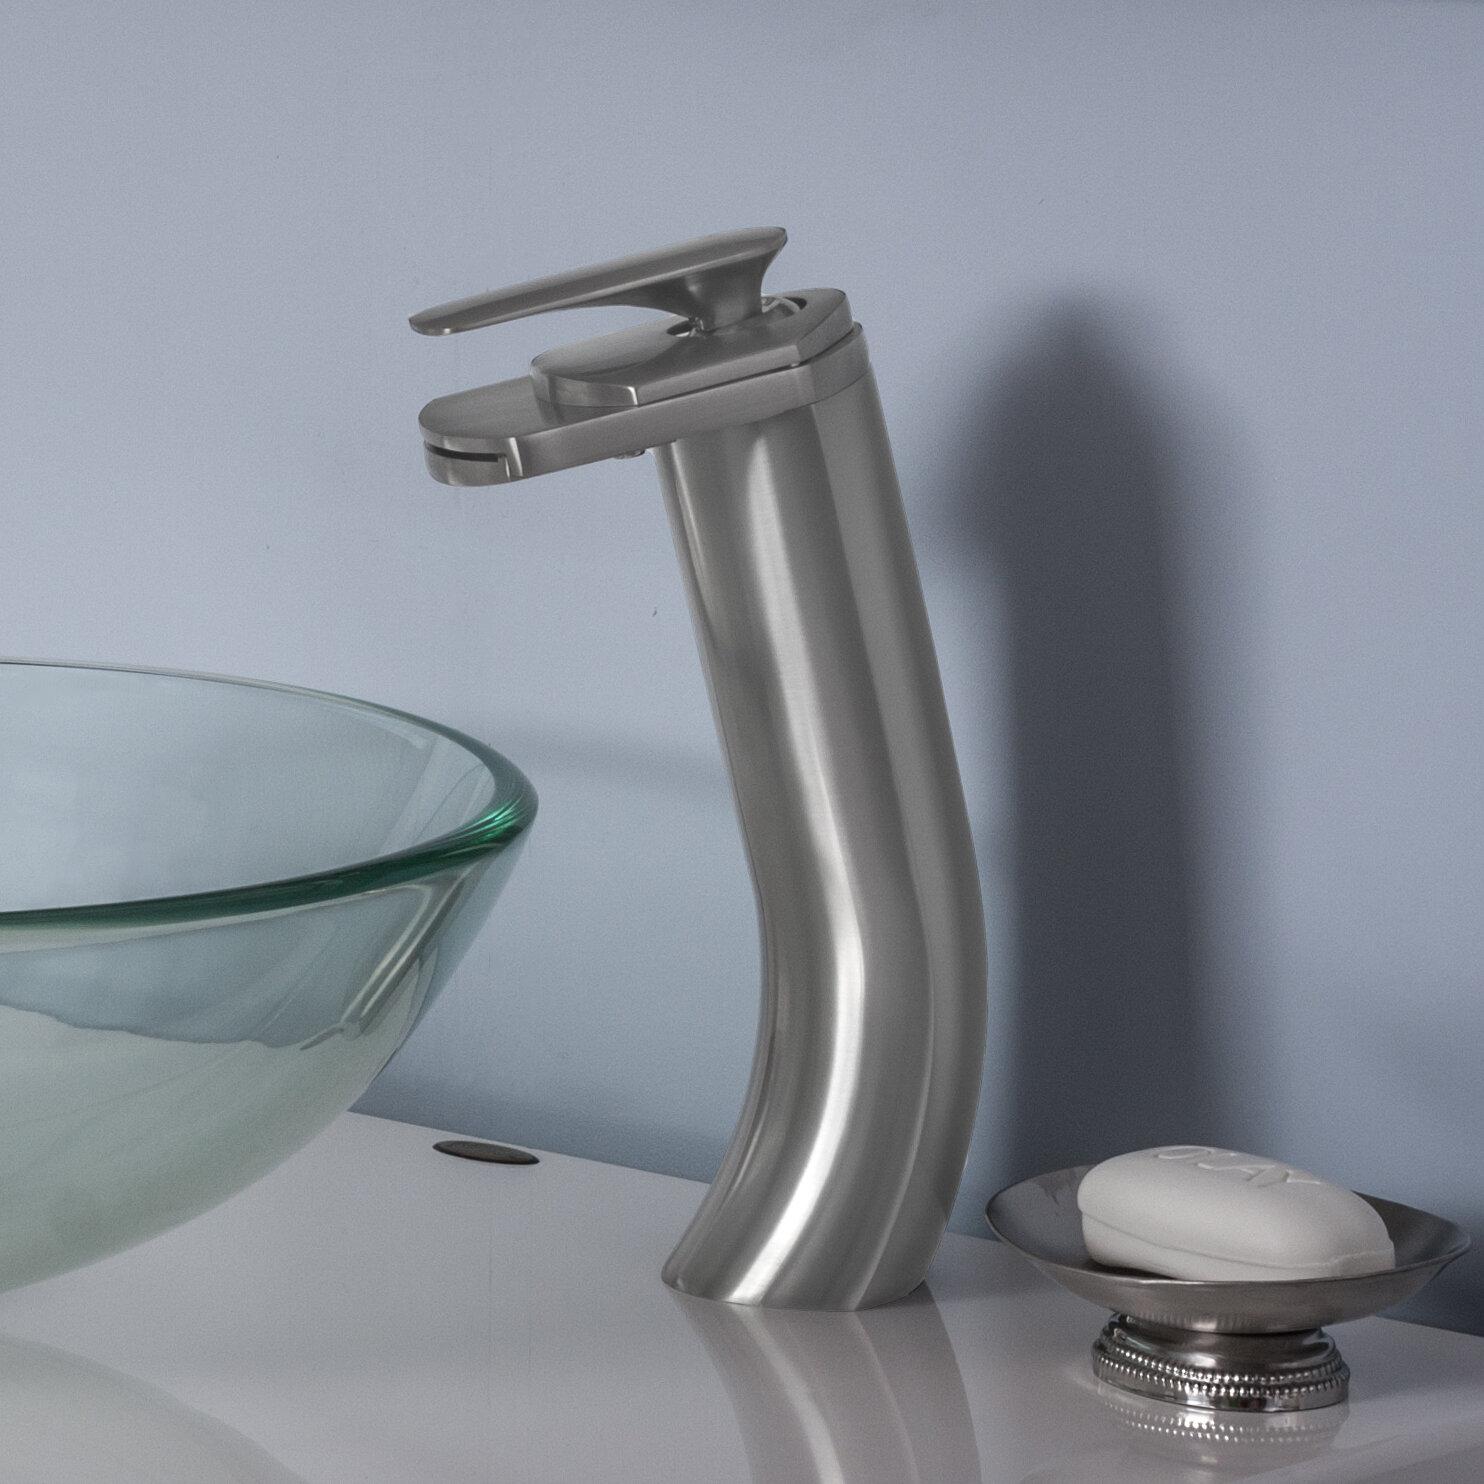 Novatto Cascade Single Hole Bathroom Faucet & Reviews | Wayfair